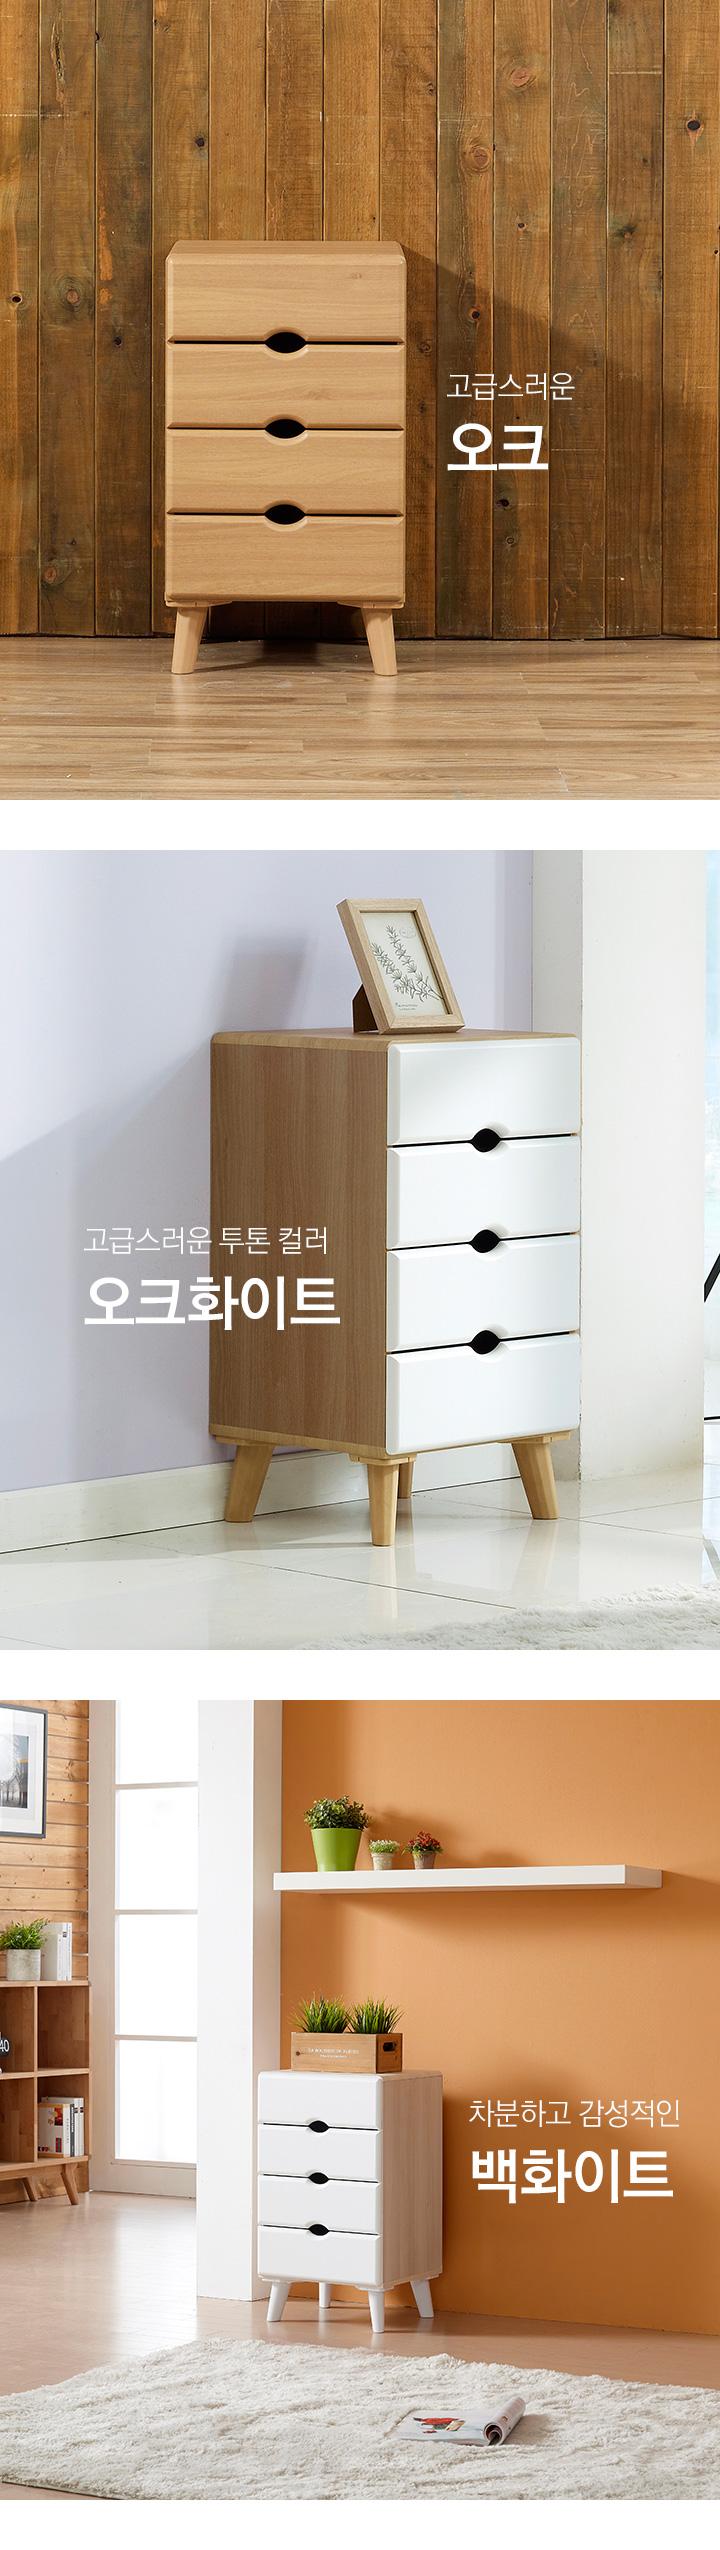 로쏘 미니서랍장 4단 고급형 - 로쏘, 67,830원, 서랍장, 다용도 서랍장